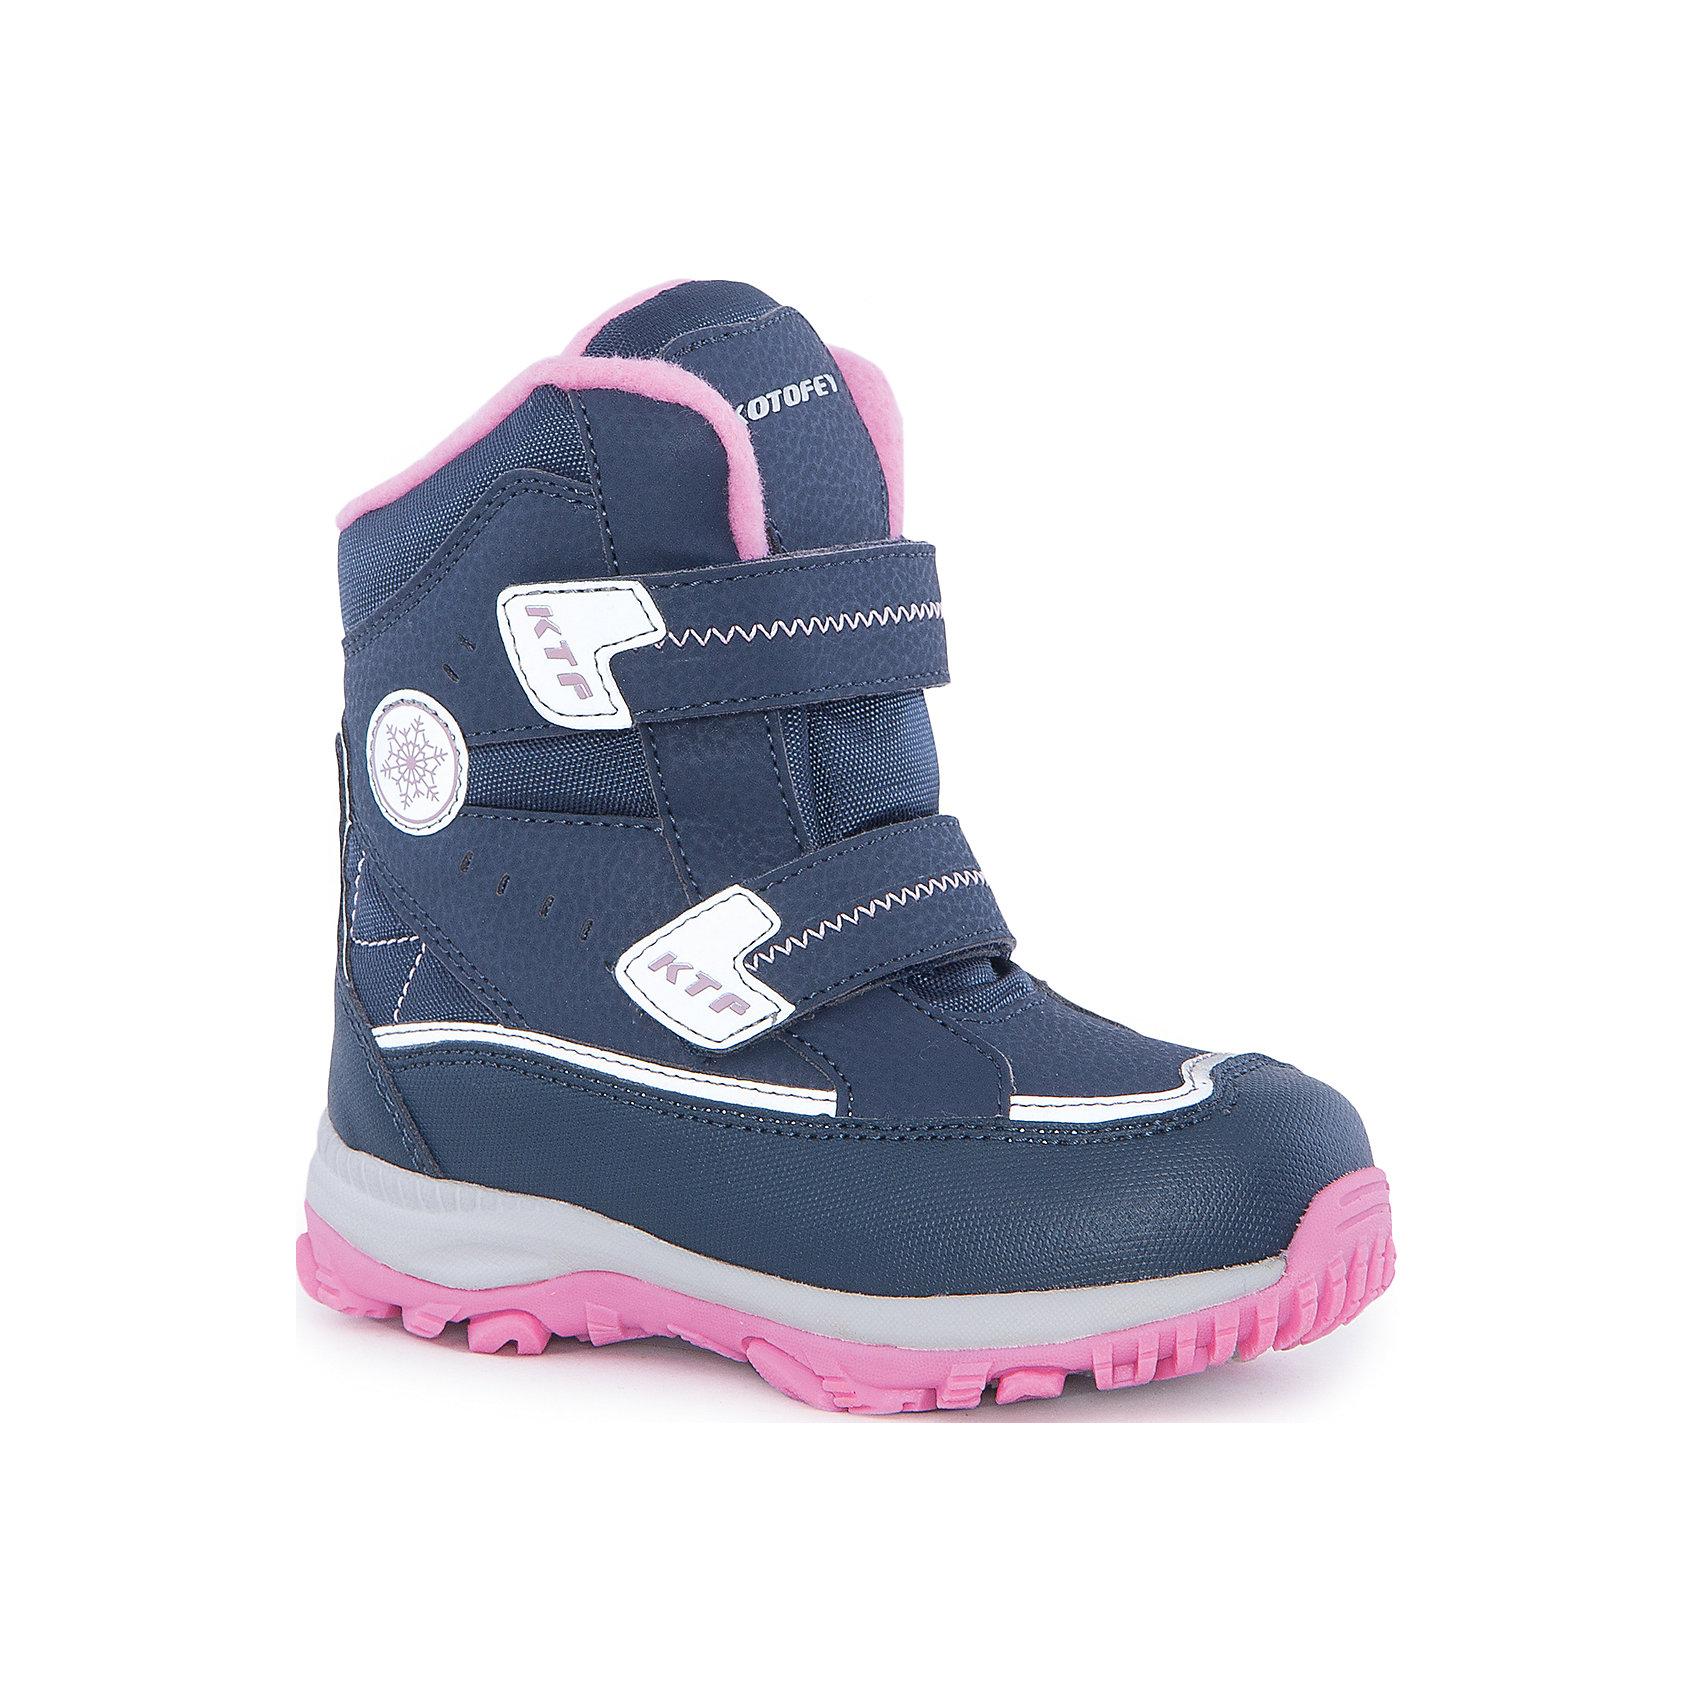 Ботинки  для девочки КотофейБотинки<br>Ботинки  для девочки Котофей.<br><br>Характеристики:<br><br>- Внешний материал: искусственная кожа, текстиль<br>- Внутренний материал: мех шерстяной<br>- Стелька: войлок<br>- Подошва: филон, ТЭП<br>- Тип застежки: липучки<br>- Вид крепления обуви: клеевой<br>- Цвет: синий, розовый<br>- Сезон: зима<br>- Температурный режим: от +5 до -15 градусов<br>- Пол: для девочек<br><br>Ботинки торговой марки Котофей понравится абсолютно всем девочкам! Они особенно хороши для активных прогулок. Верх выполнен из влагоотталкивающего текстиля и кожи. Подкладка - из натуральной шерсти, имеется дополнительная стелька из войлока, поэтому ножке в такой обуви тепло и уютно. Между материалами верха и подклада вшит специальный мембранный материал, отталкивающий влагу, но позволяющий ногам дышать. Гибкая, широкая, клеевая подошва с рельефным протектором обеспечит превосходное сцепление с поверхностью. Снижение ударной нагрузки и повышенную устойчивость обеспечивает в подошве слой из материала филон, который часто используется в спортивной обуви. Вторая часть подошвы из термоэластопласта (ТЭП) – пластичного материала, отлично амортизирующего при шаге, не теряющего своих свойств при понижении температур, предотвращающего скольжение. Два ремня с липучкой позволяют не только быстро обувать и снимать ботинки, но и обеспечивают плотное прилегание обуви к стопе. Детская обувь «Котофей» качественна, красива, добротна, комфортна и долговечна. Она производится на Егорьевской обувной фабрике. Жесткий контроль производства и постоянное совершенствование технологий при многолетнем опыте позволяют считать компанию одним из лидеров среди отечественных производителей детской обуви.<br><br>Ботинки  для девочки Котофей можно купить в нашем интернет-магазине.<br><br>Ширина мм: 262<br>Глубина мм: 176<br>Высота мм: 97<br>Вес г: 427<br>Цвет: белый<br>Возраст от месяцев: 24<br>Возраст до месяцев: 36<br>Пол: Женский<br>Возраст: Детский<br>Размер: 26,30,27,28,29<br>SKU: 508678